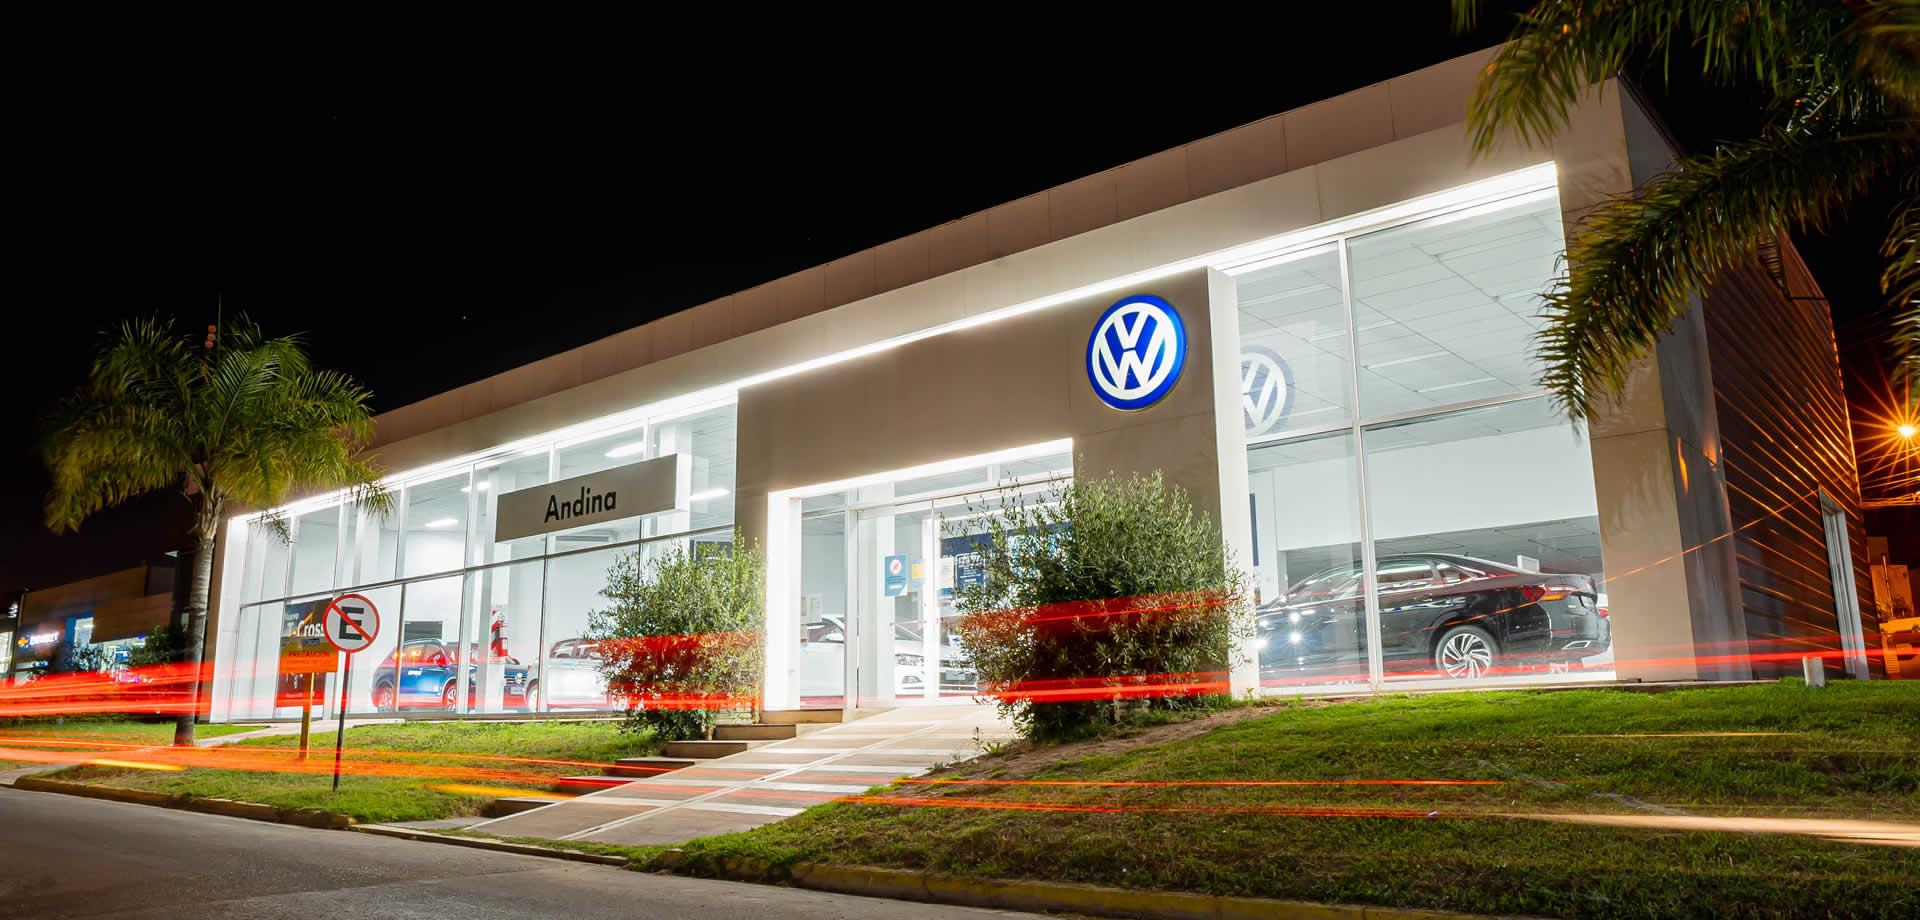 Andina Volkswagen